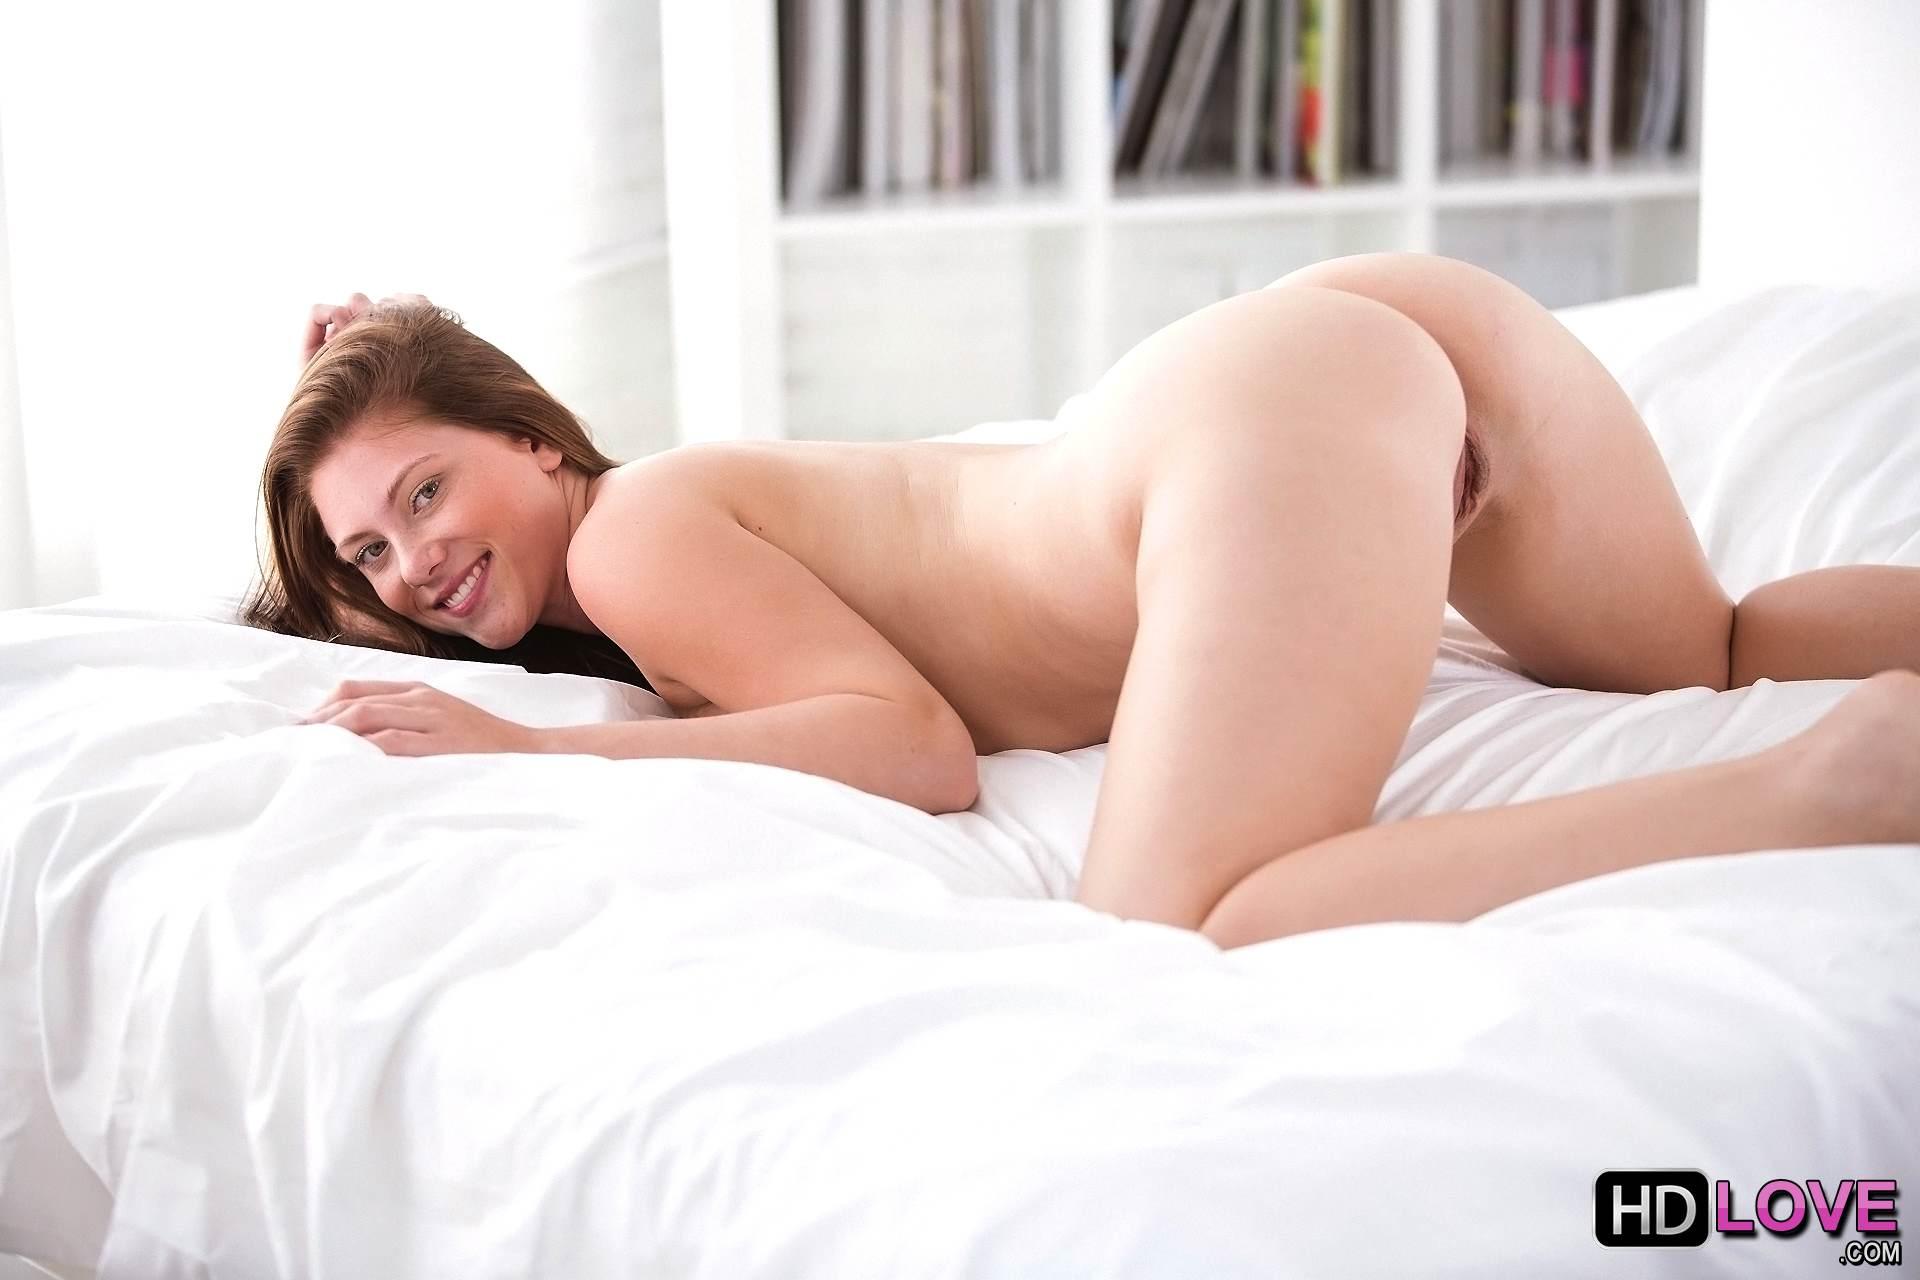 film erotici elenco free erotico